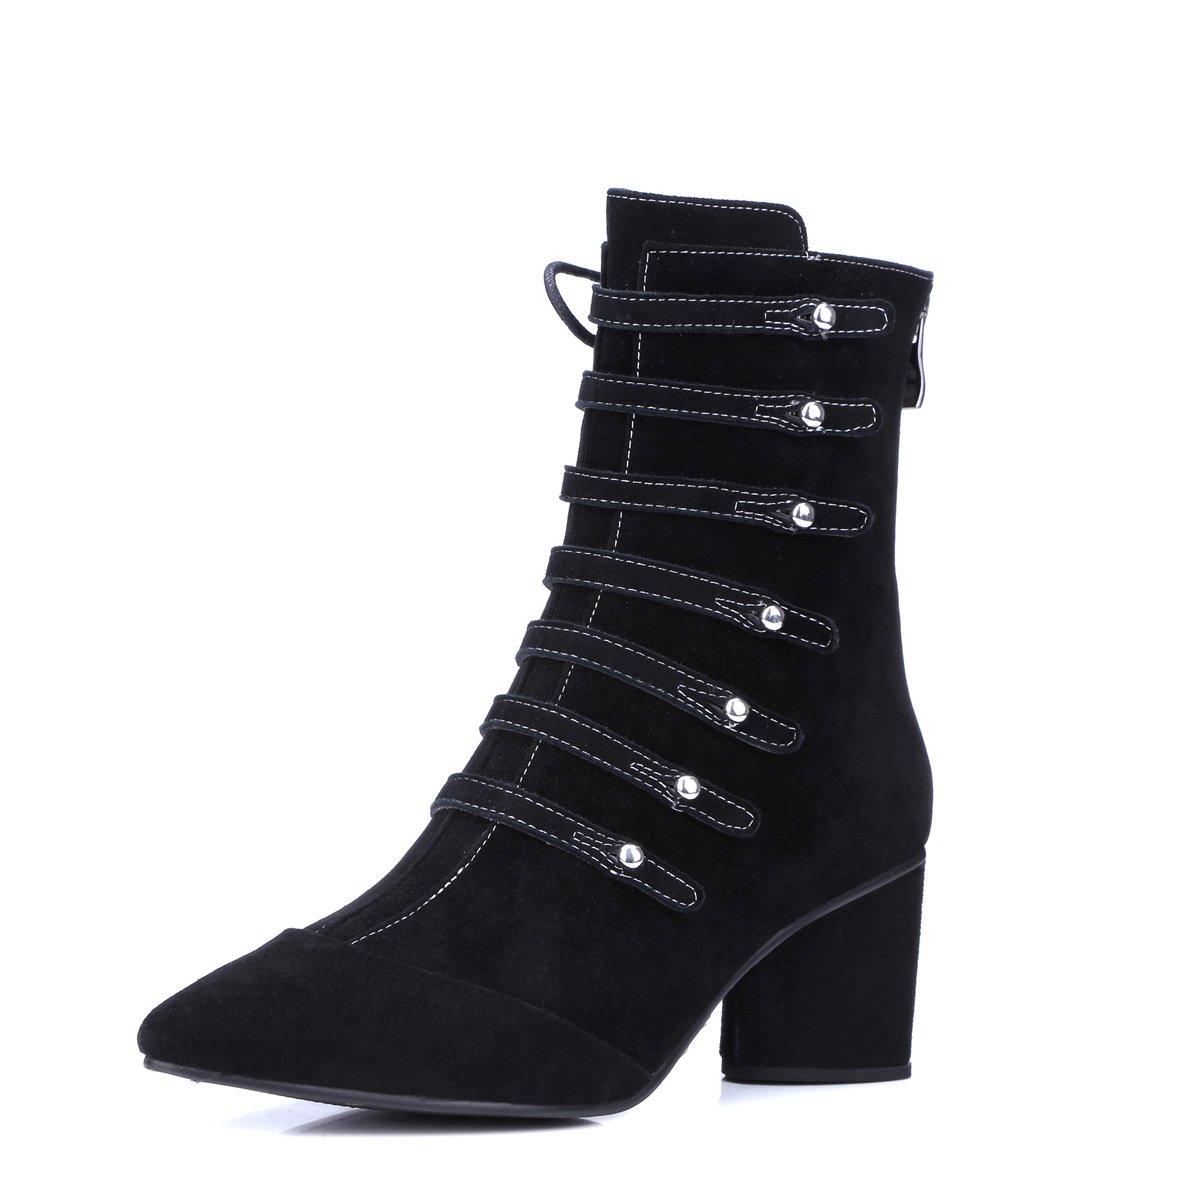 DYF Frauen Nackt Schuhe Schuhe Schuhe Kurze Stiefel Niedrigem Absatz Hingewiesen Klettverschluss Licht, Schwarz Scrub 0,35 4c0ff6